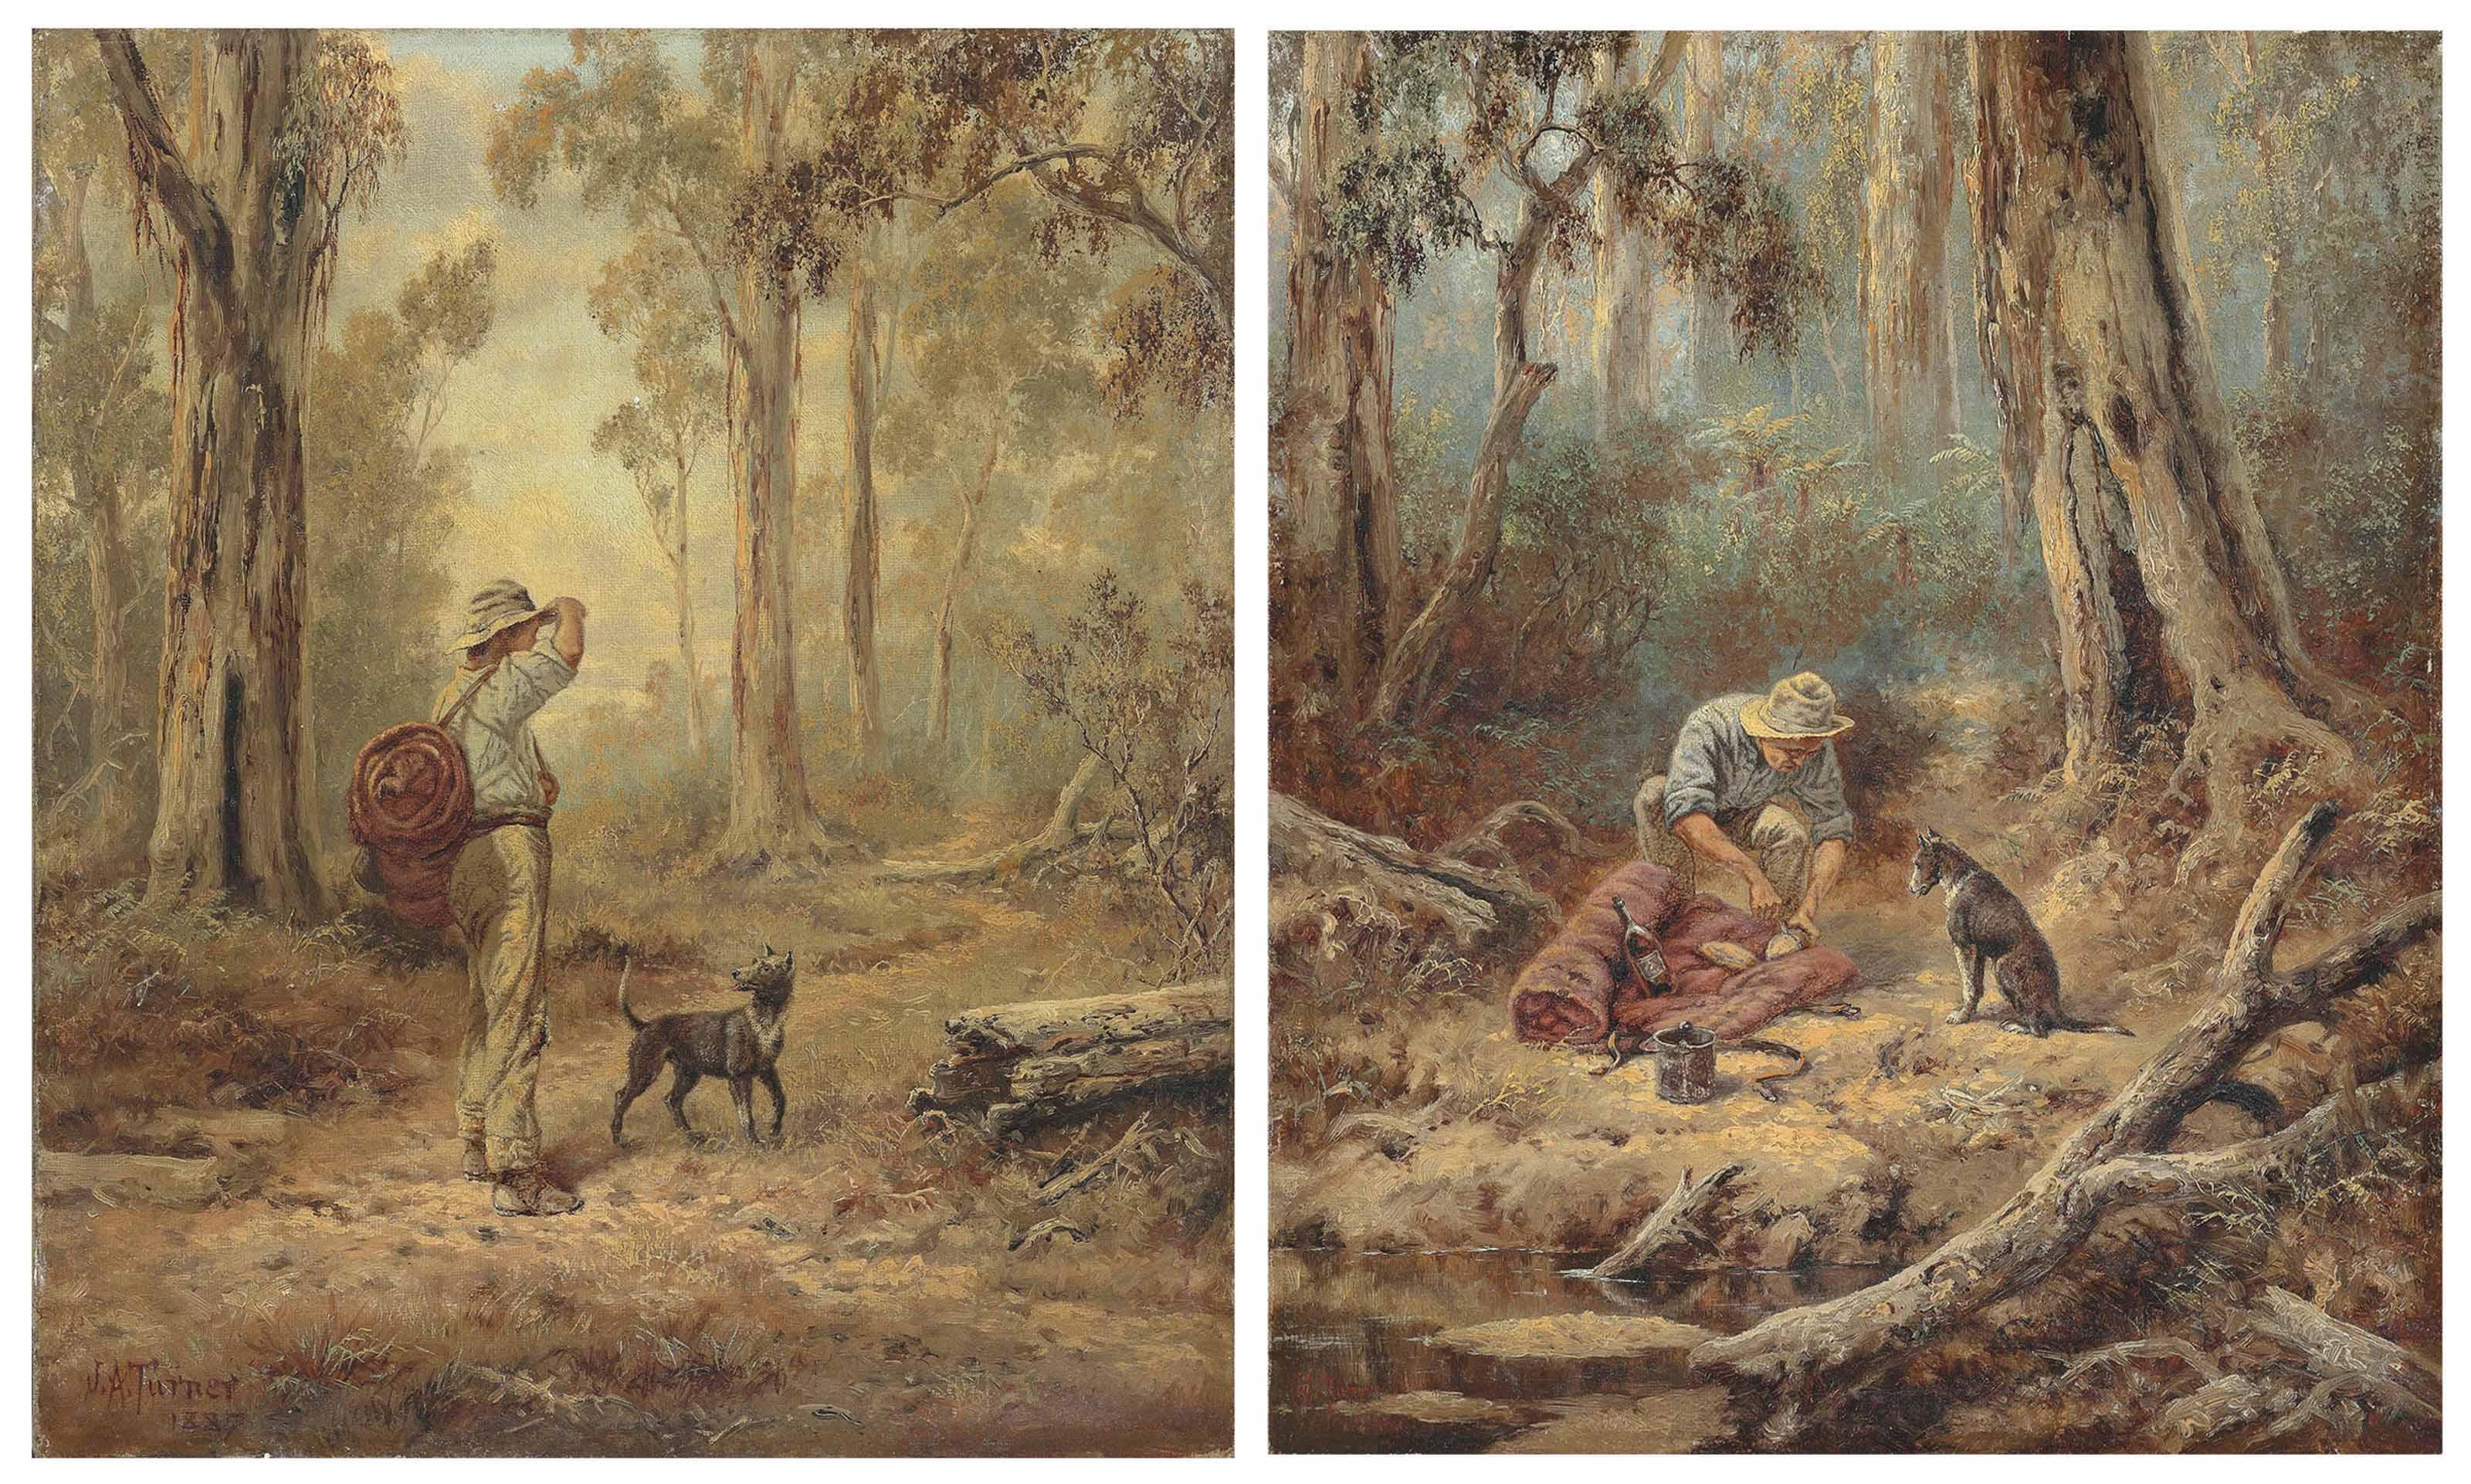 James Alfred Turner (1850-1908